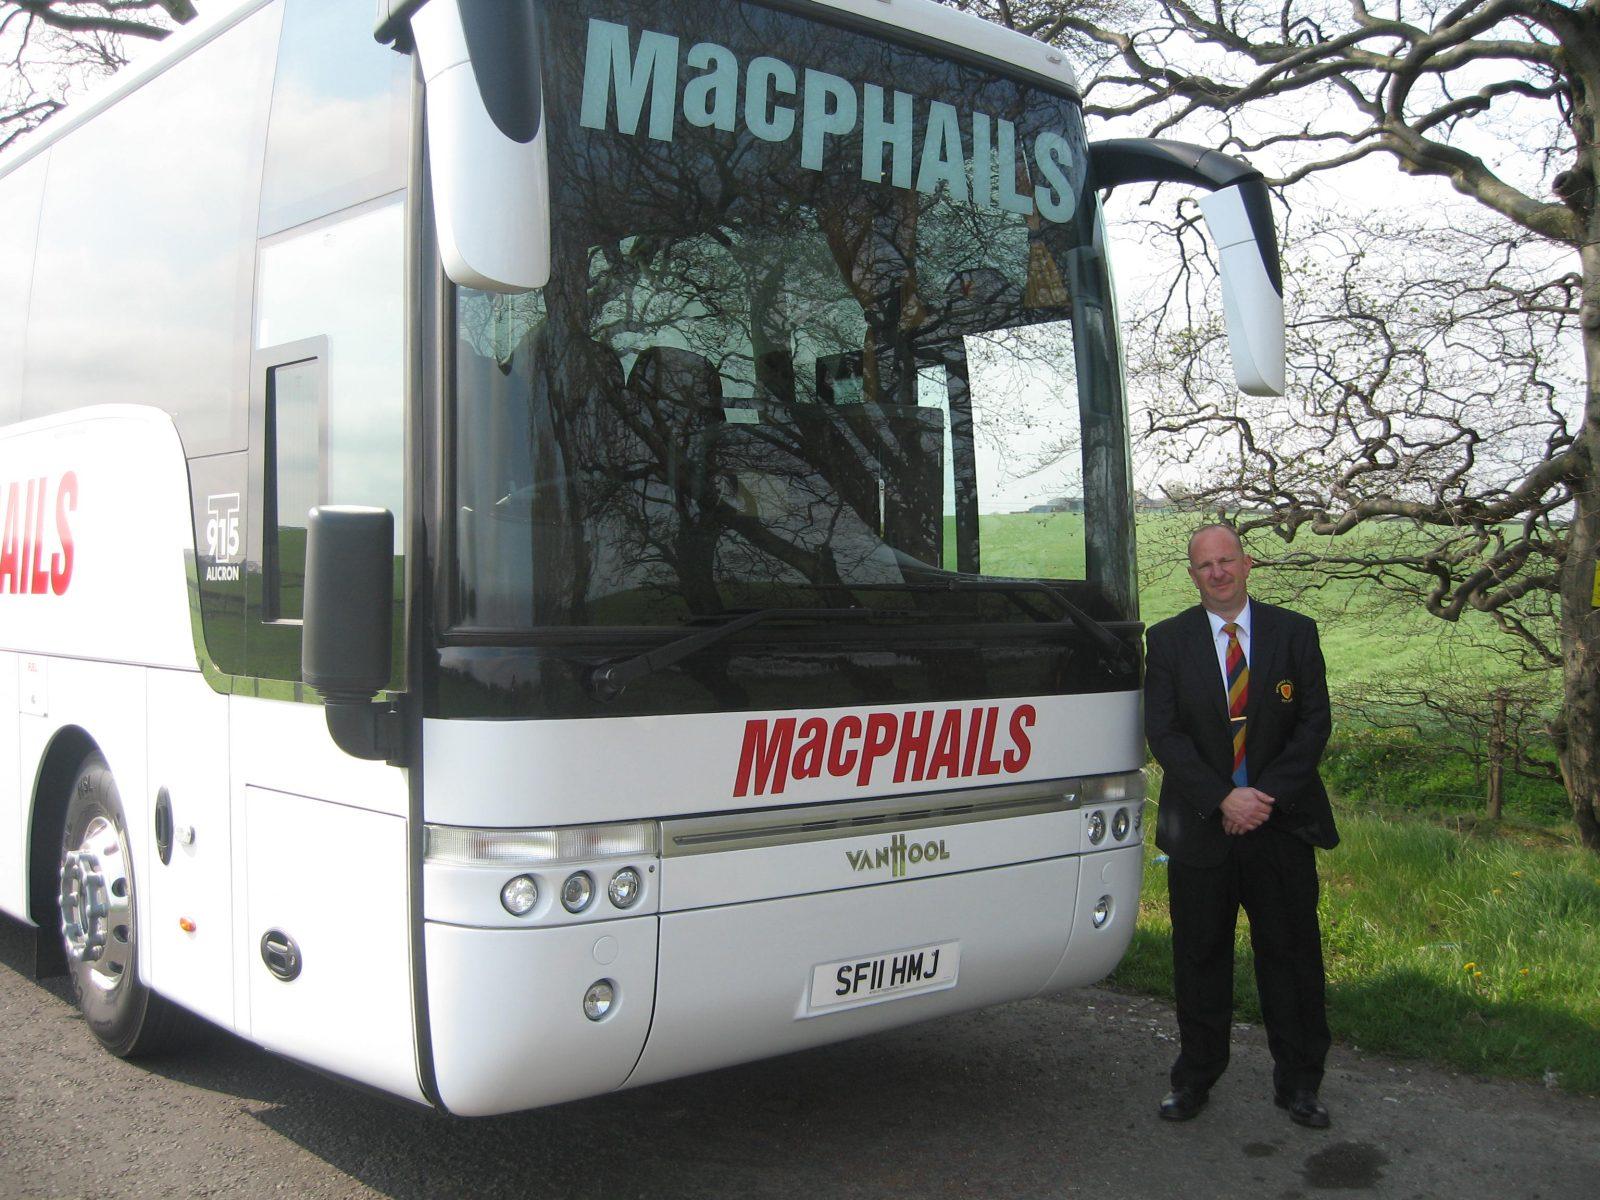 MacPhails Coach Hire Driver